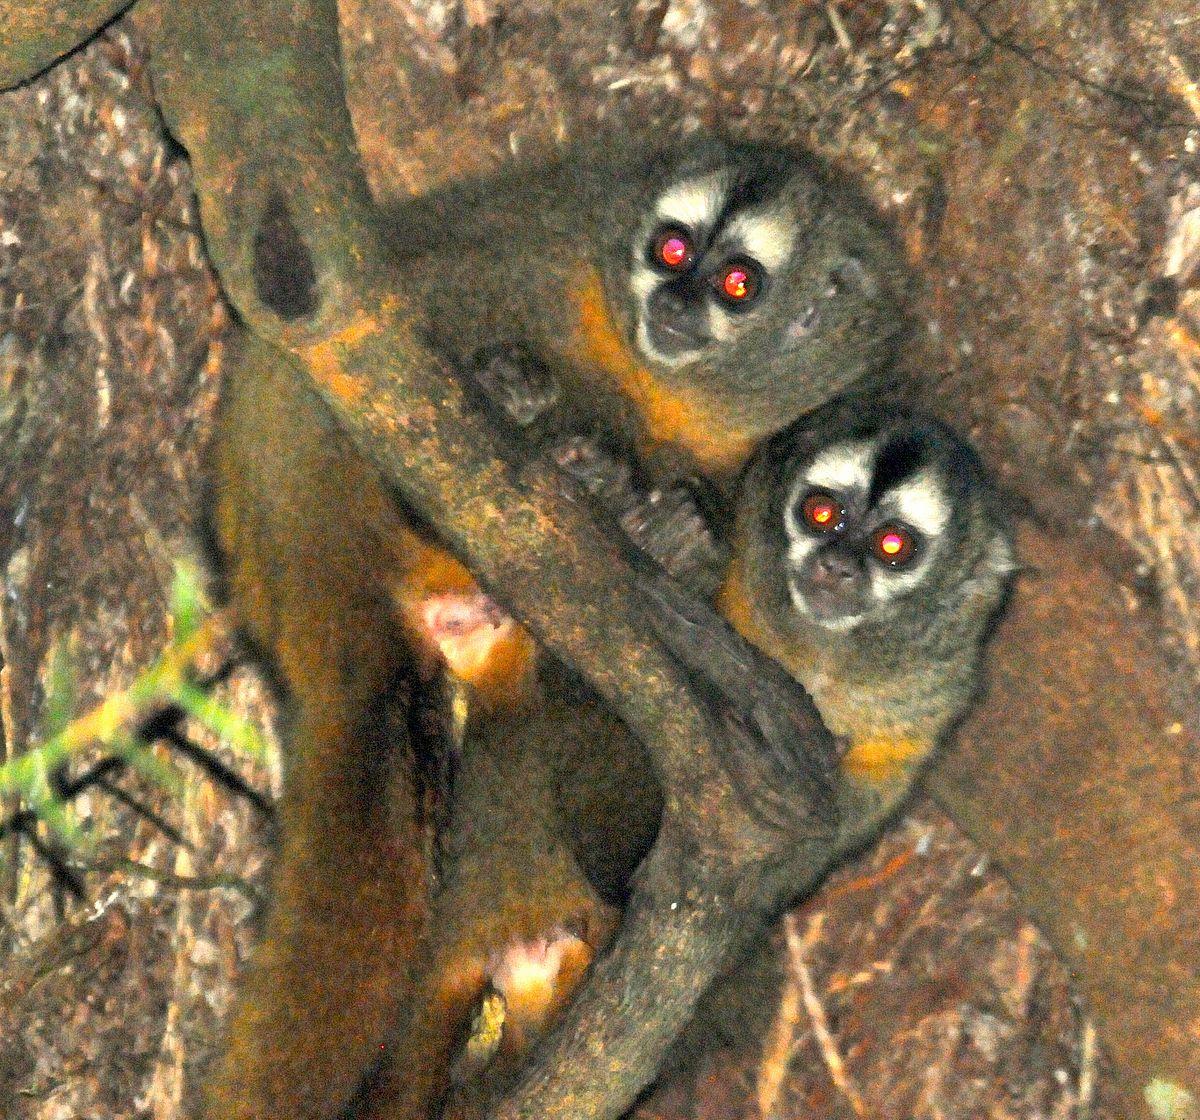 peruvian night monkey wikipedia